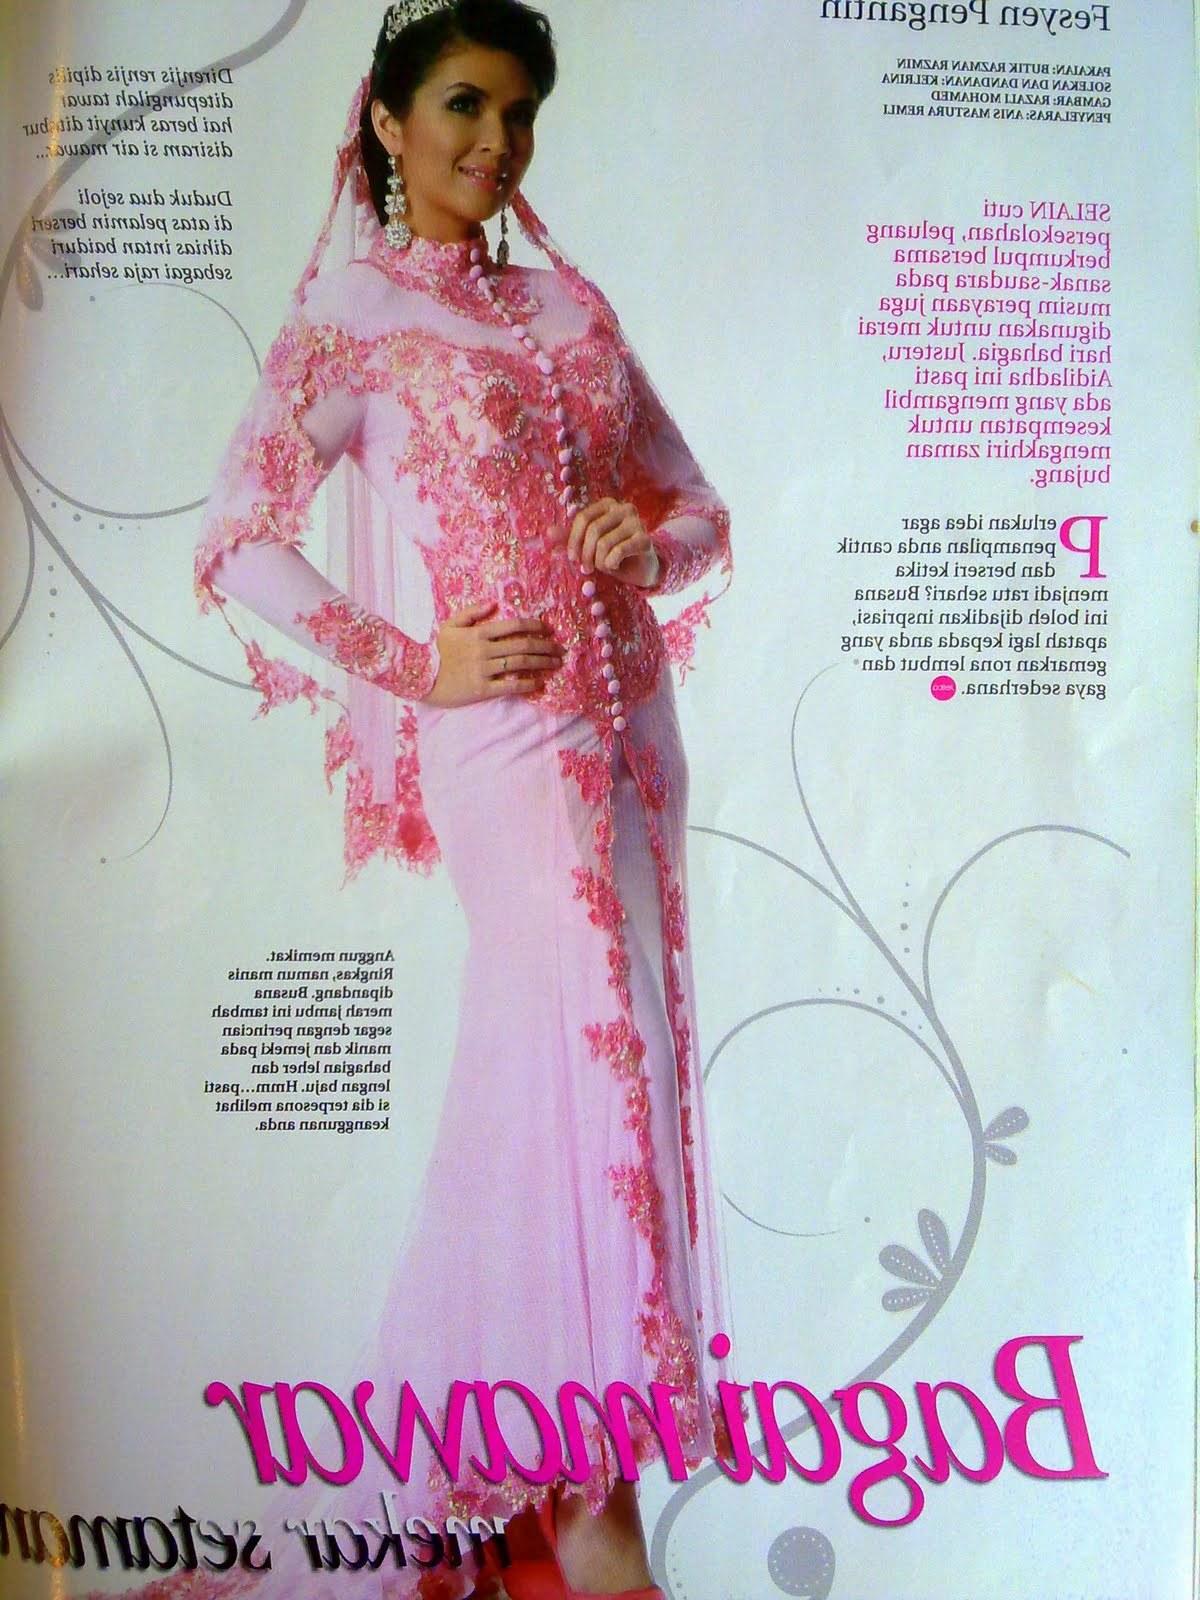 Contoh Gaun Pengantin Muslimah Warna Pink 0gdr Wynn Nasution 2010